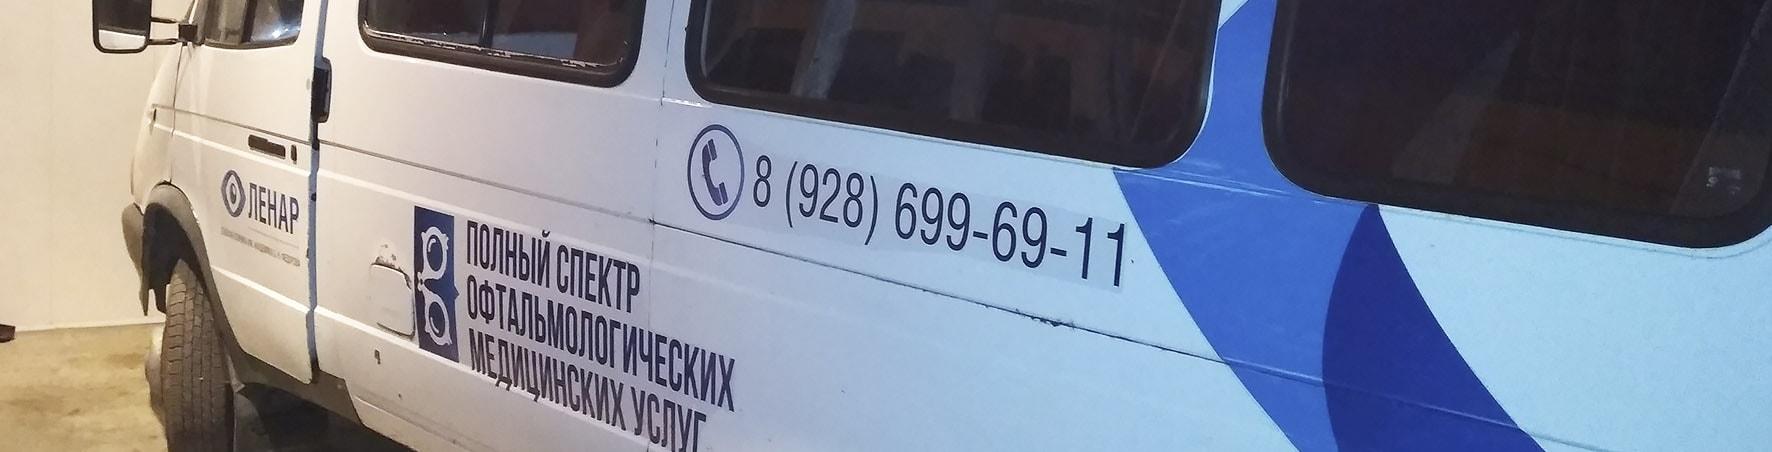 Брендирование маршрутного такси в Грозном реклама